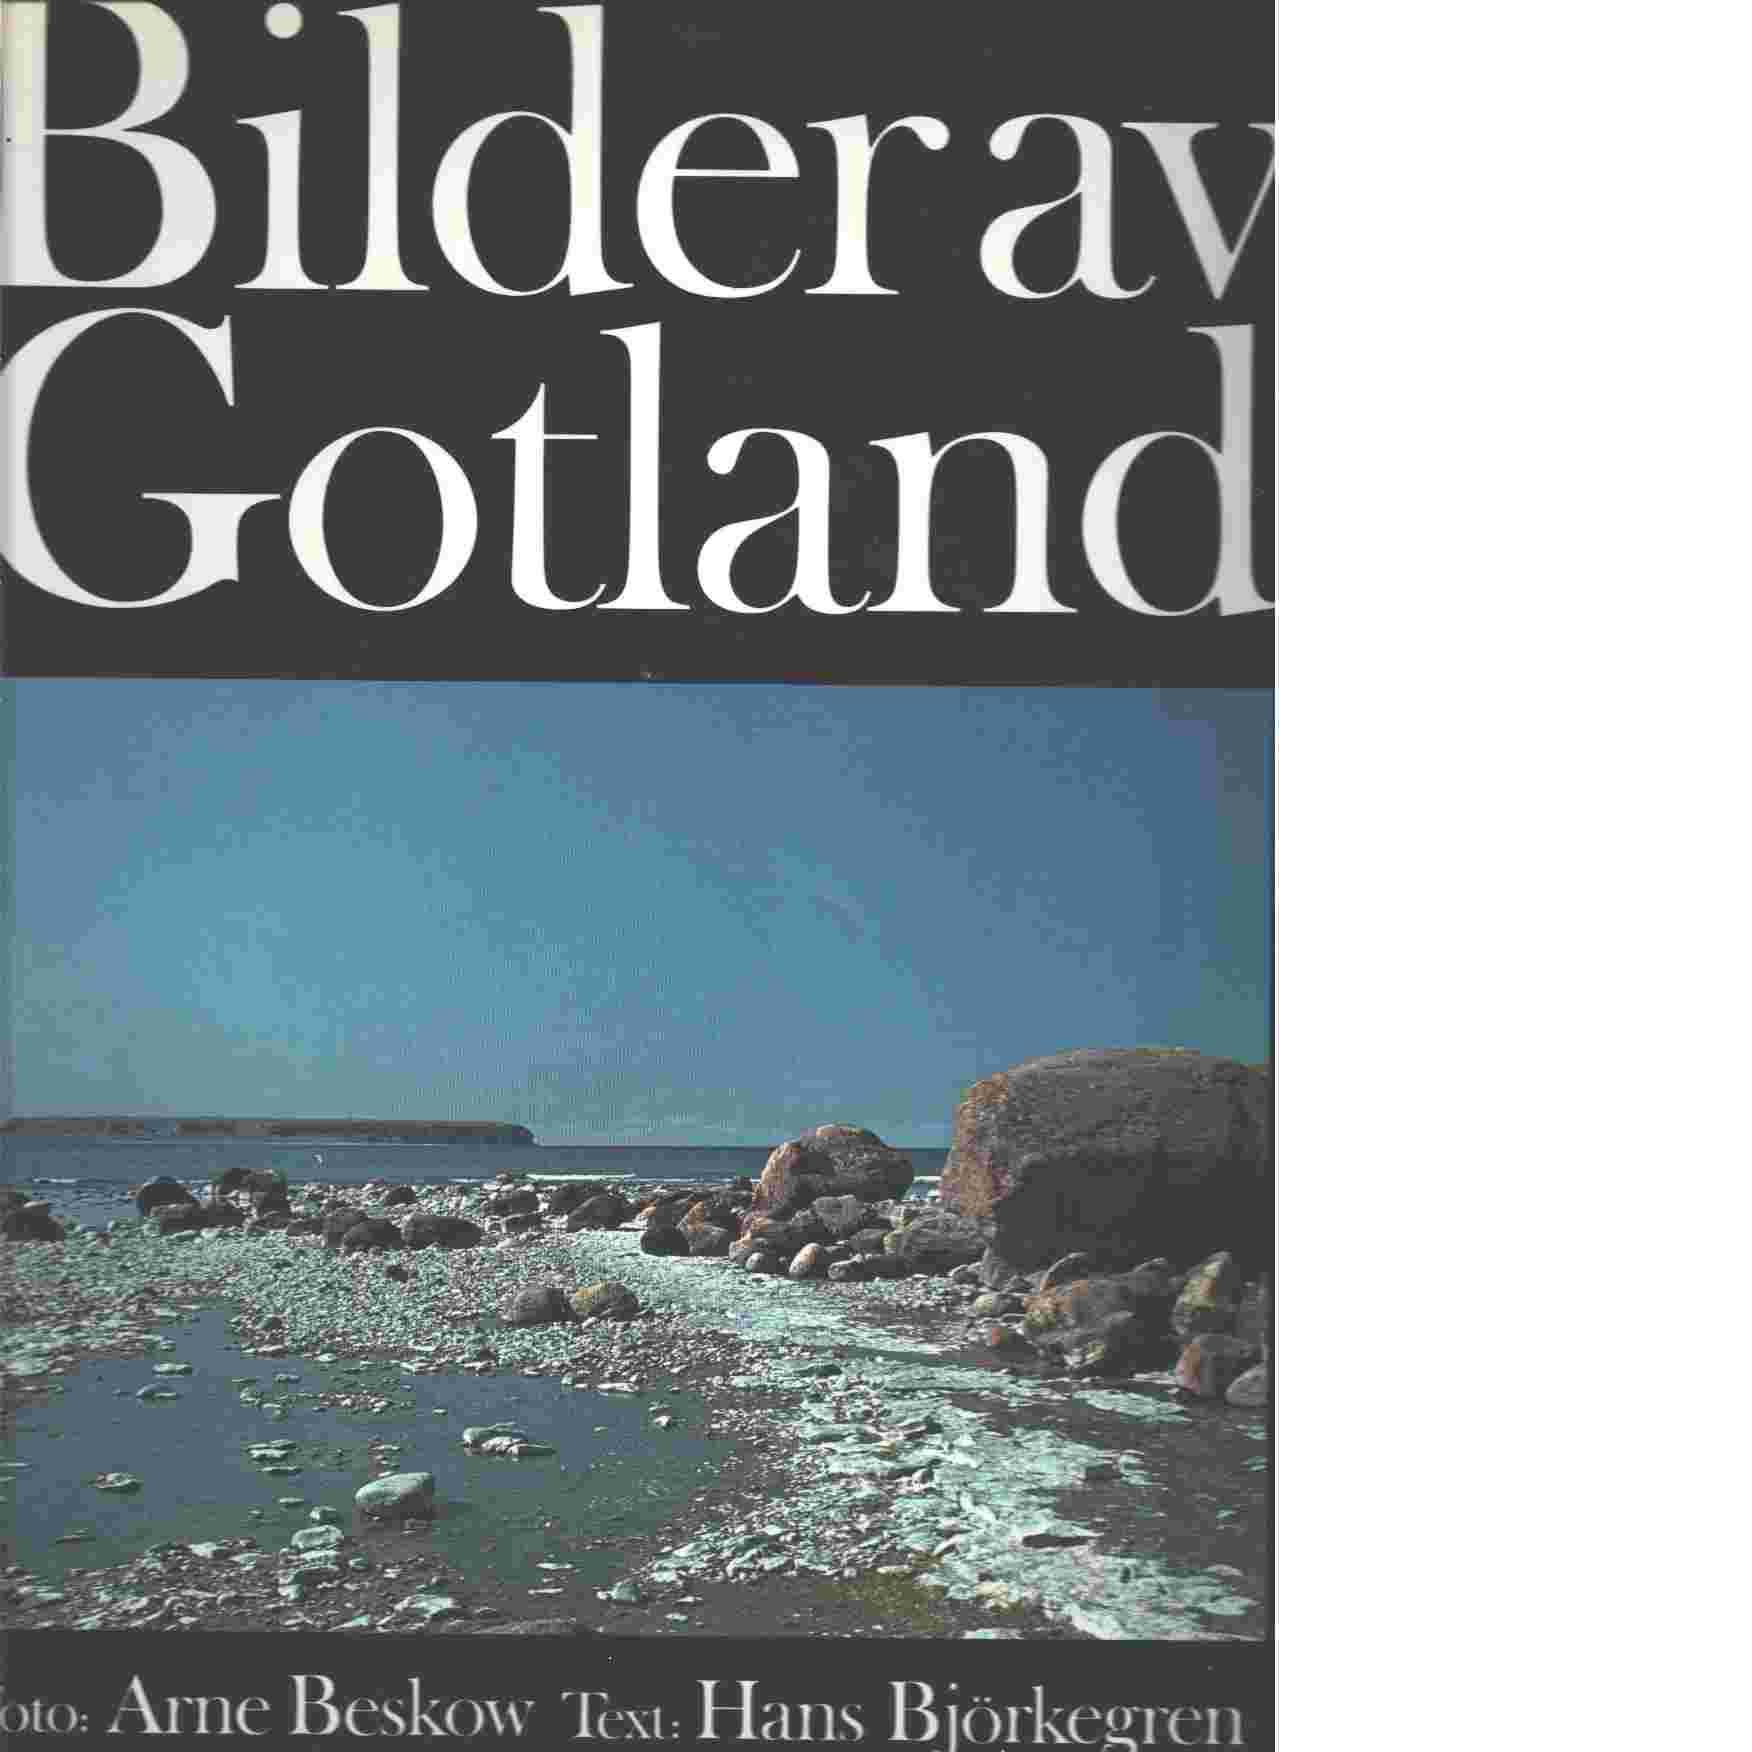 Bilder av Gotland - Beskow, Arne  och  Björkegren, Hans